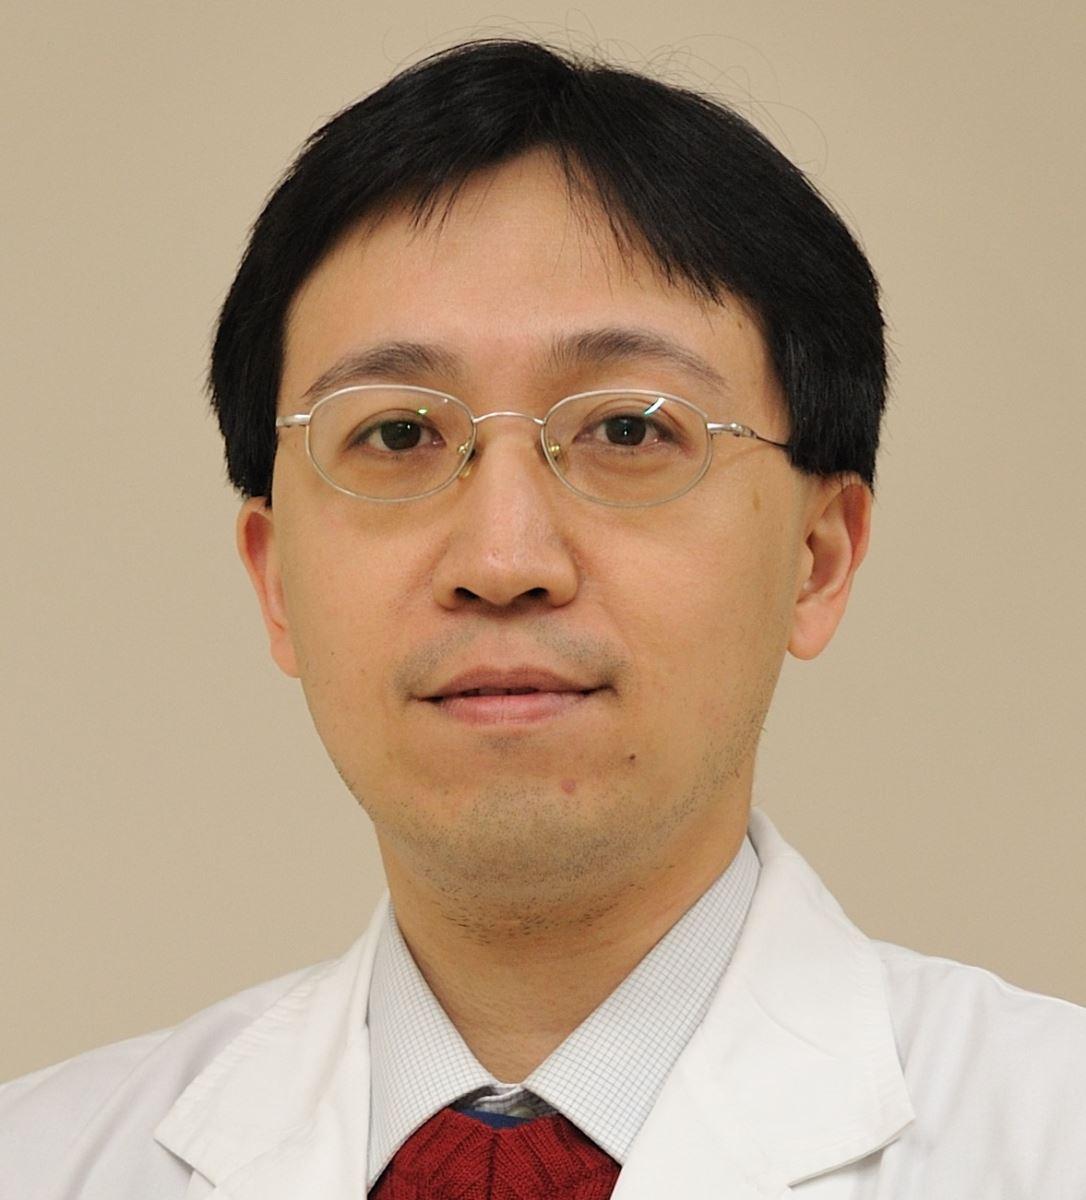 鄭高奇醫師